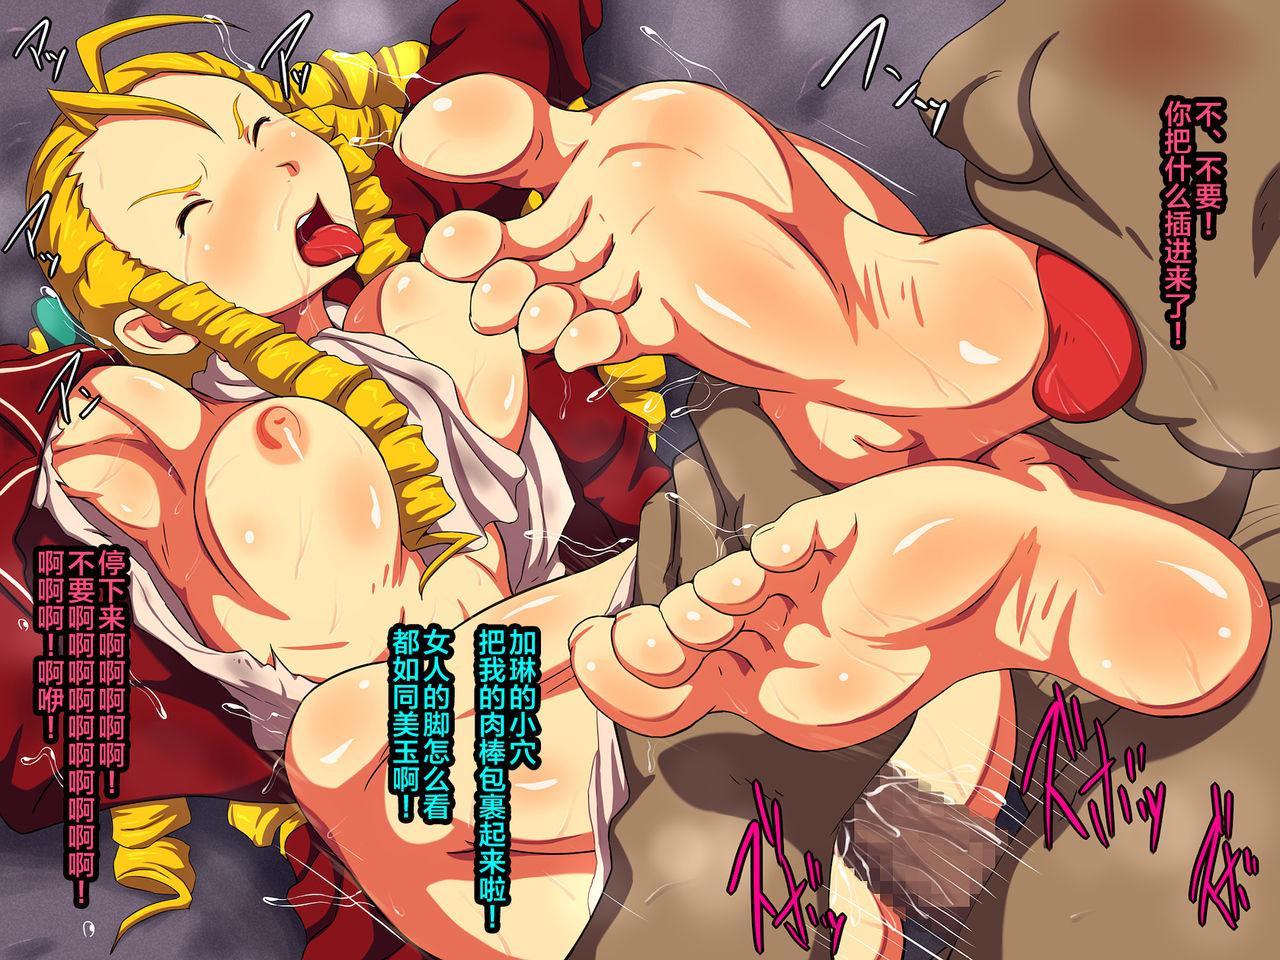 [L-u (Makura no Doushi)] Kegasareta Ojou-sama -Tights ni Shimiru Jiru- (Street Fighter) [Chinese] [新桥月白日语社] 133